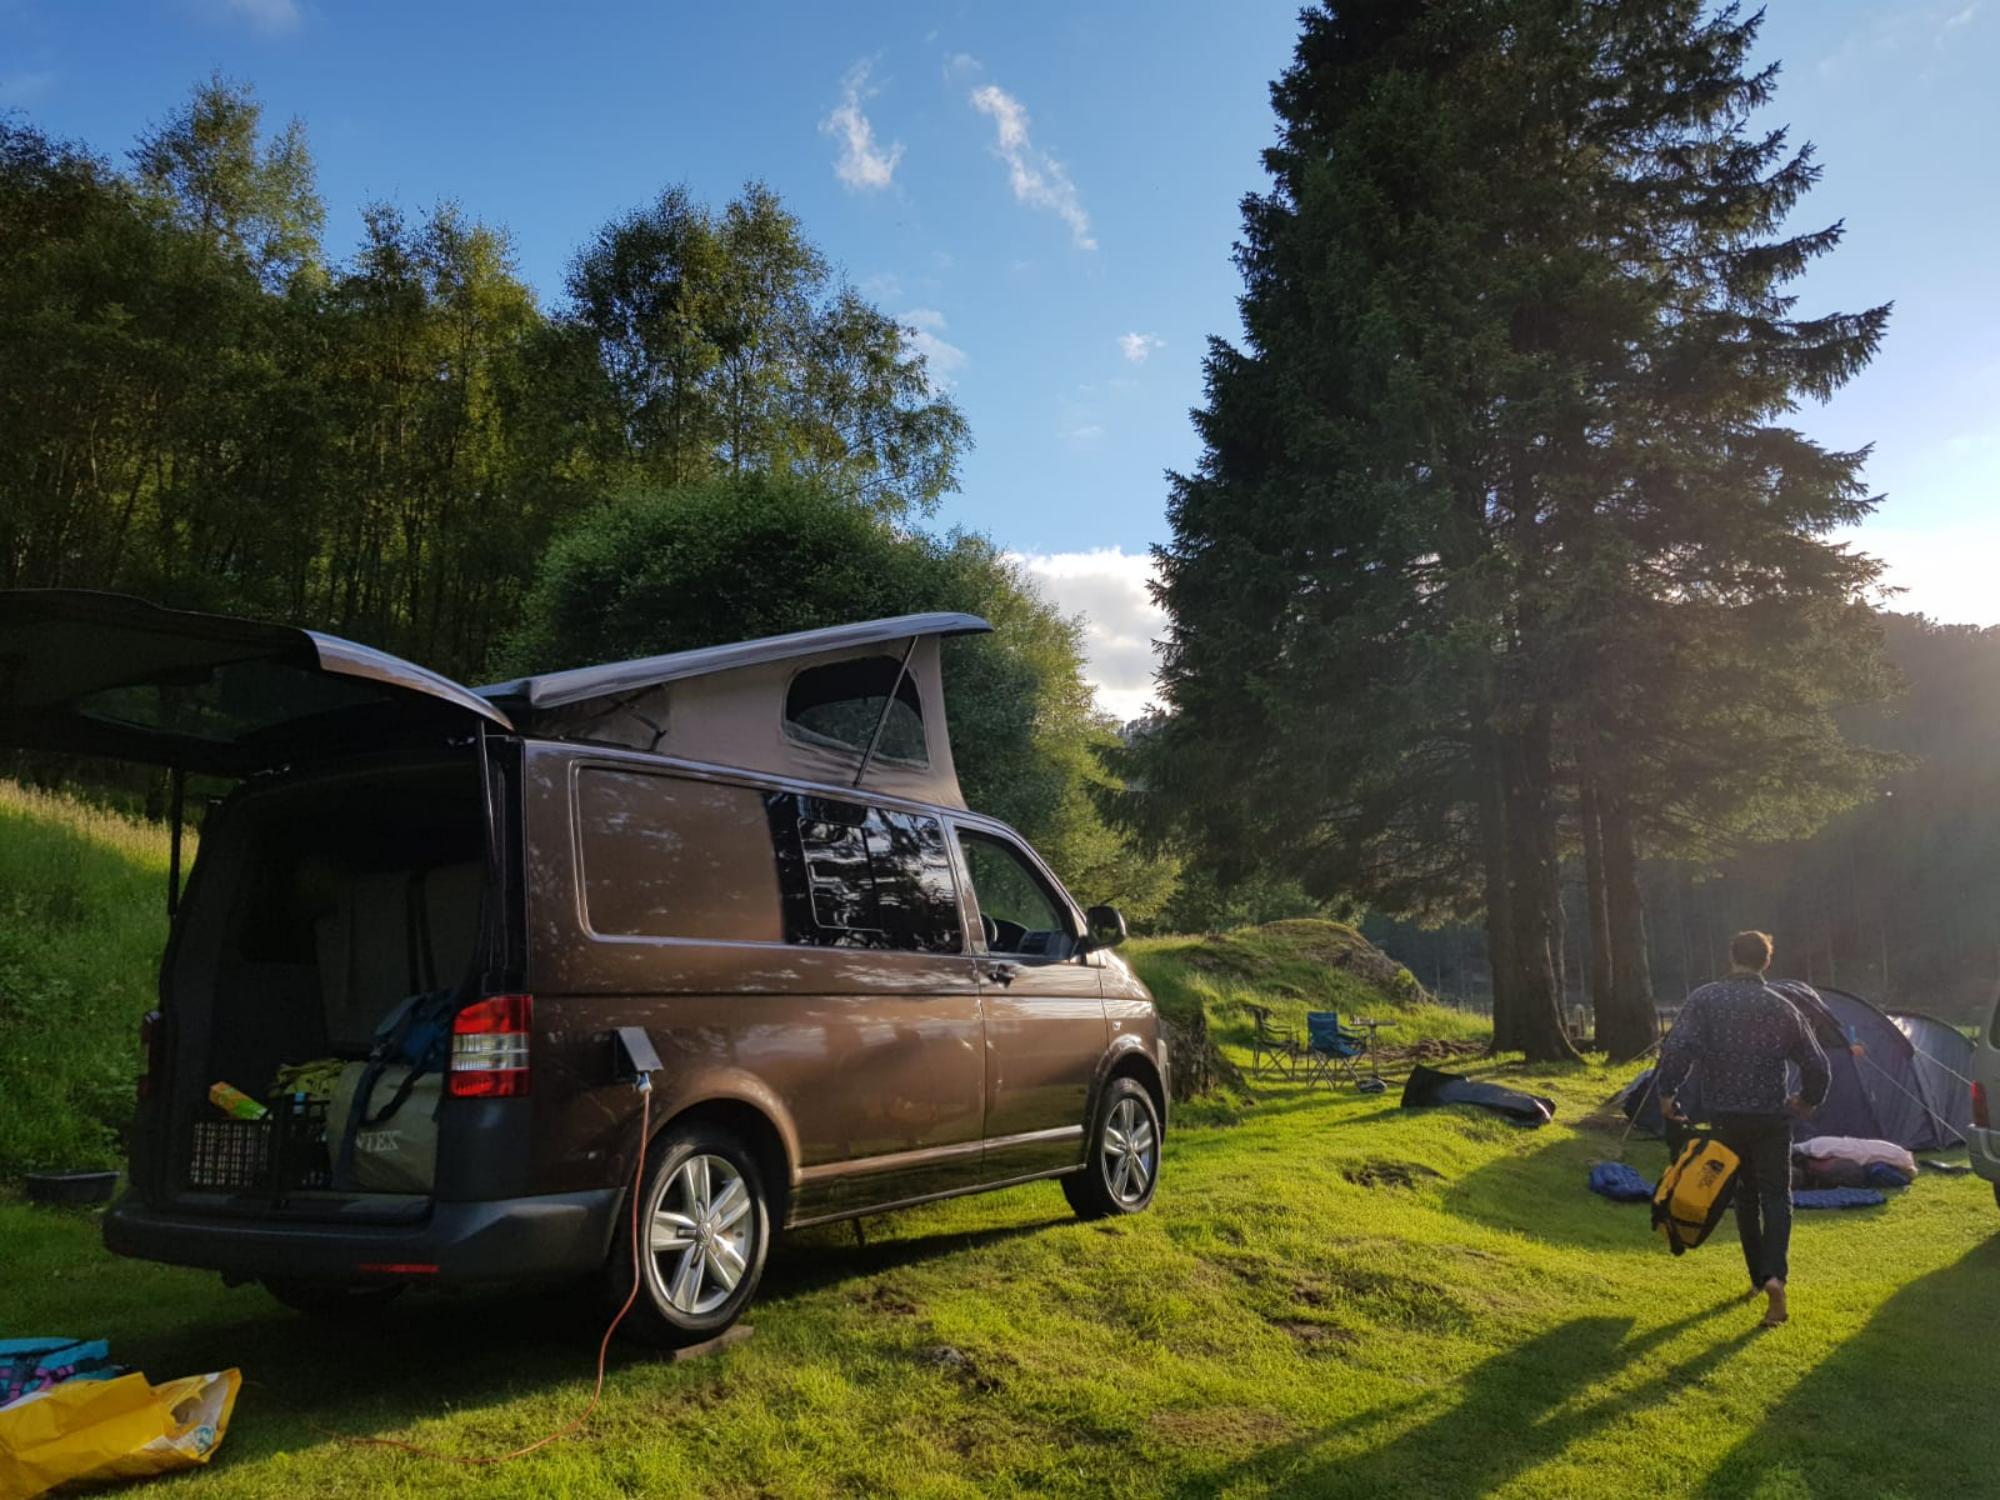 Campervan Hire in South East England | Motorhome Rental Companies